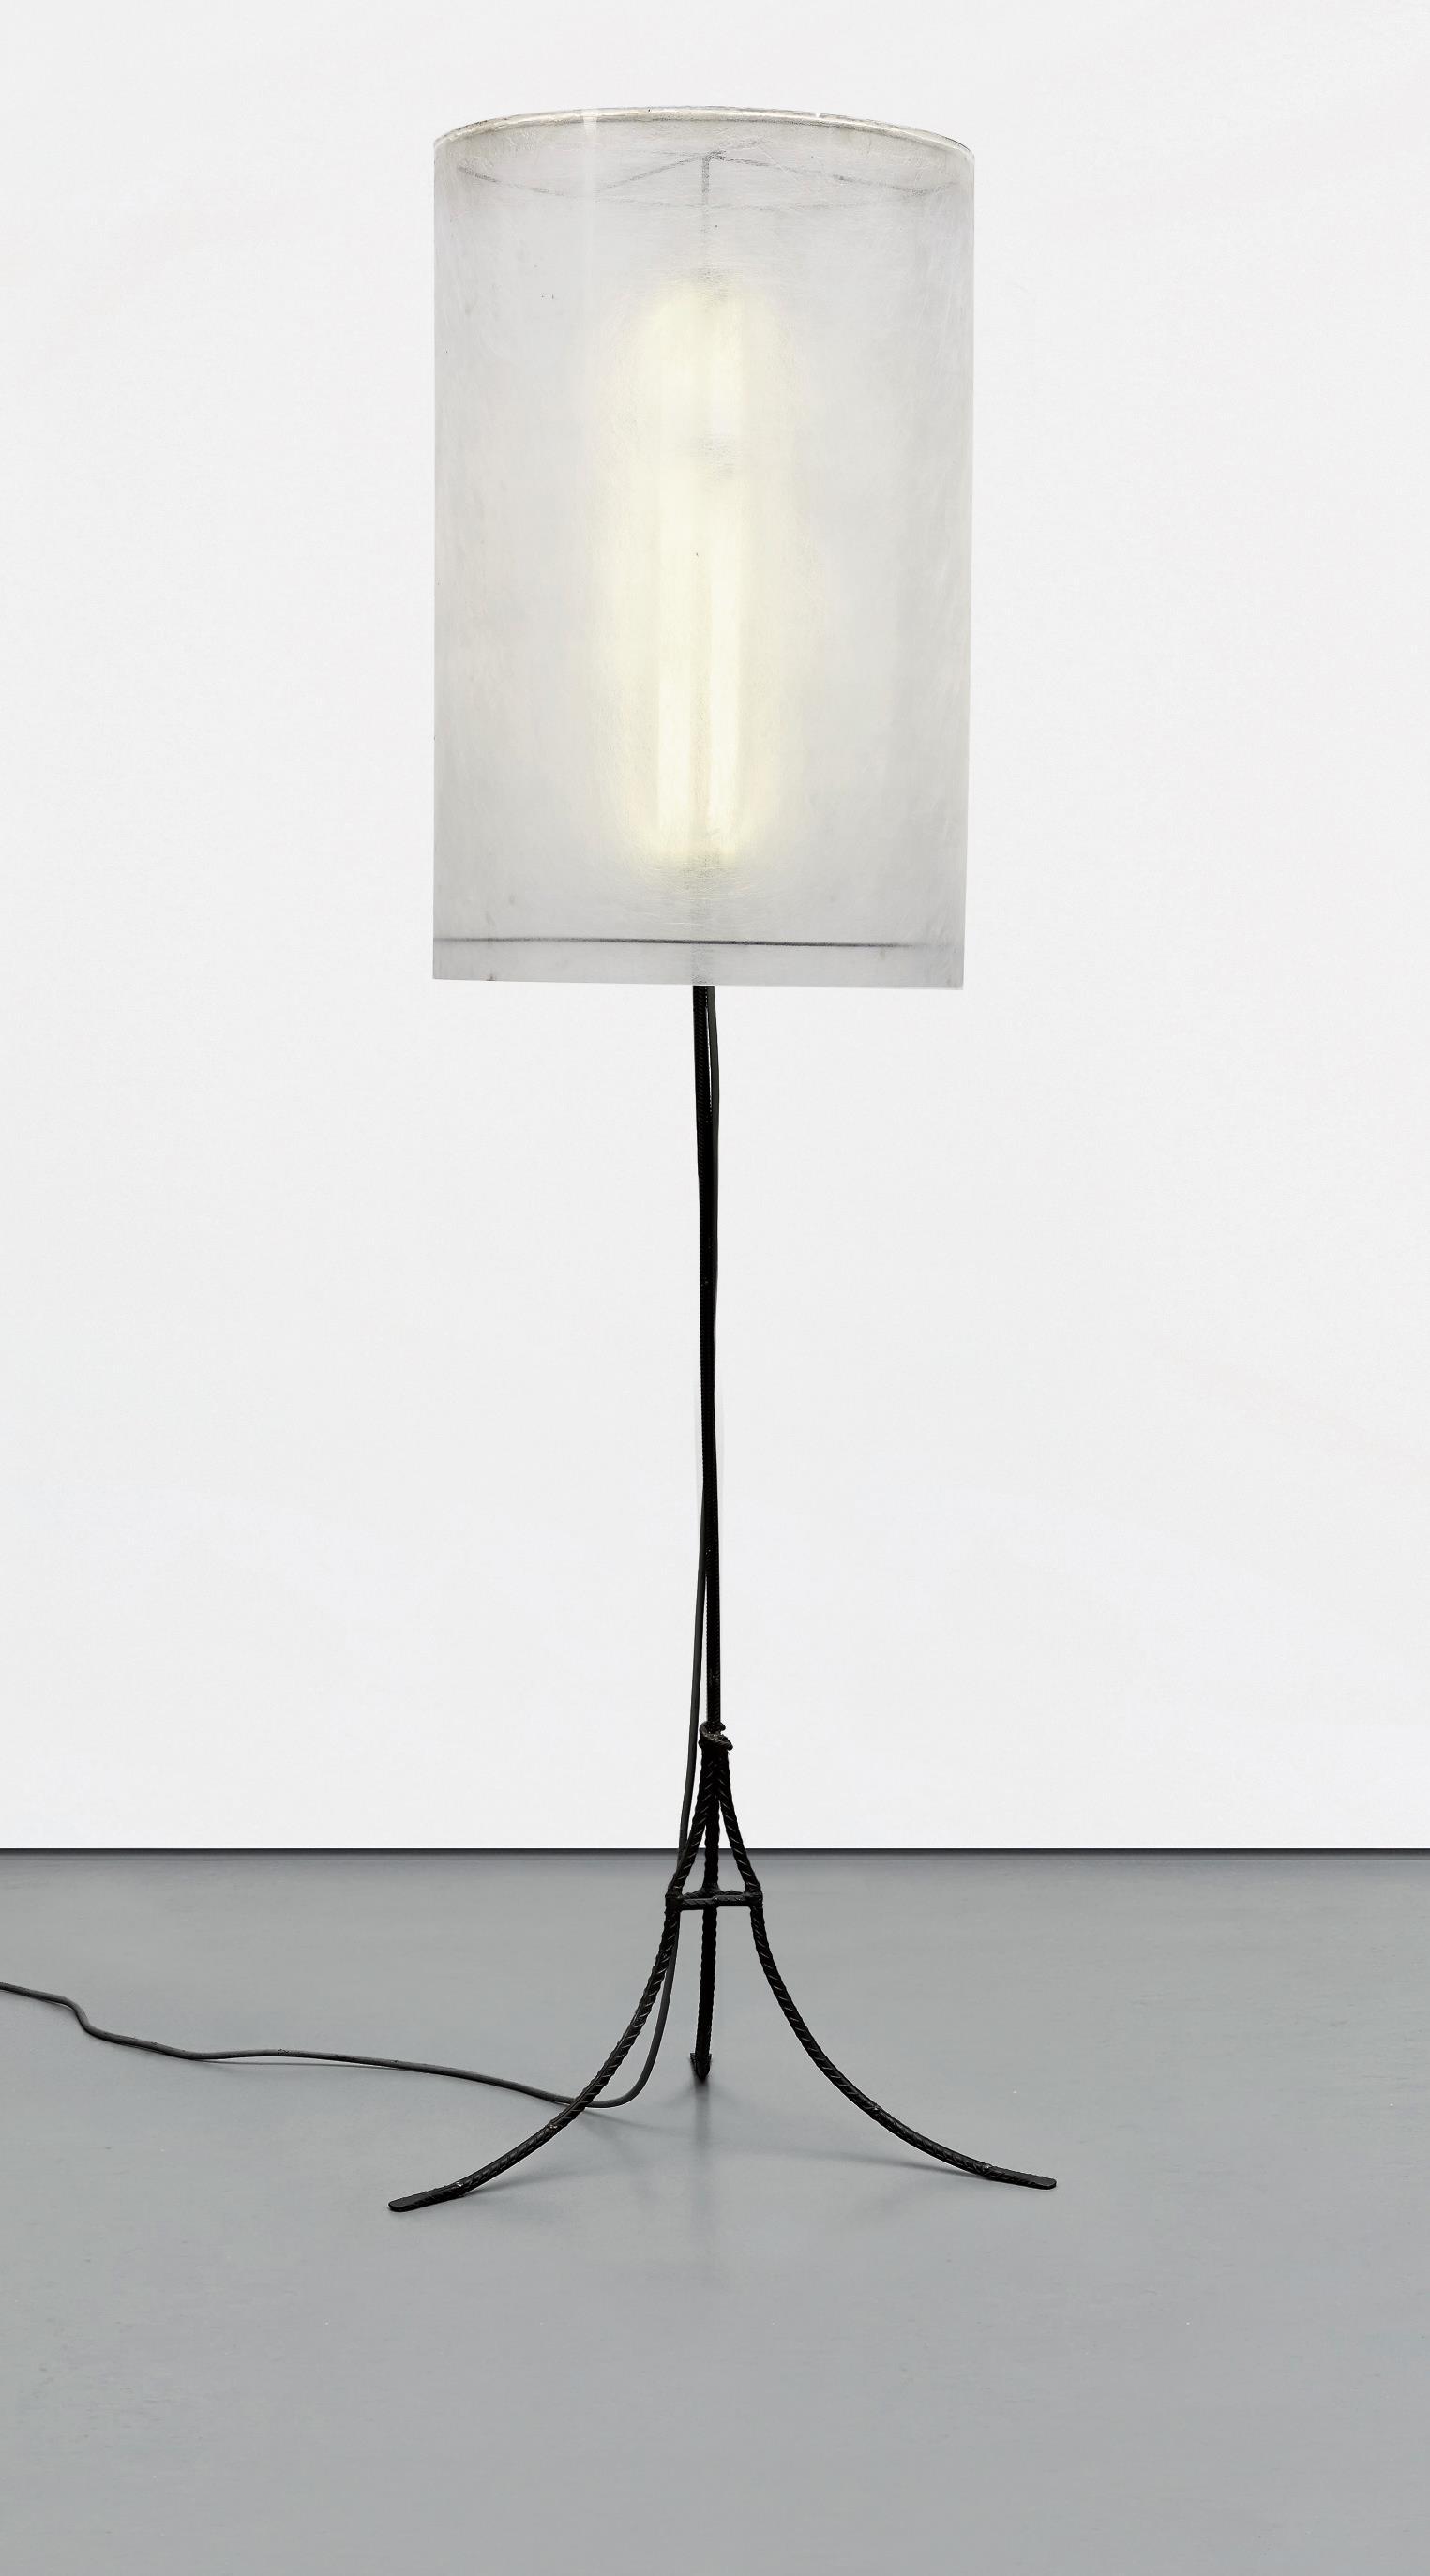 Franz West-Large Lamp-2009